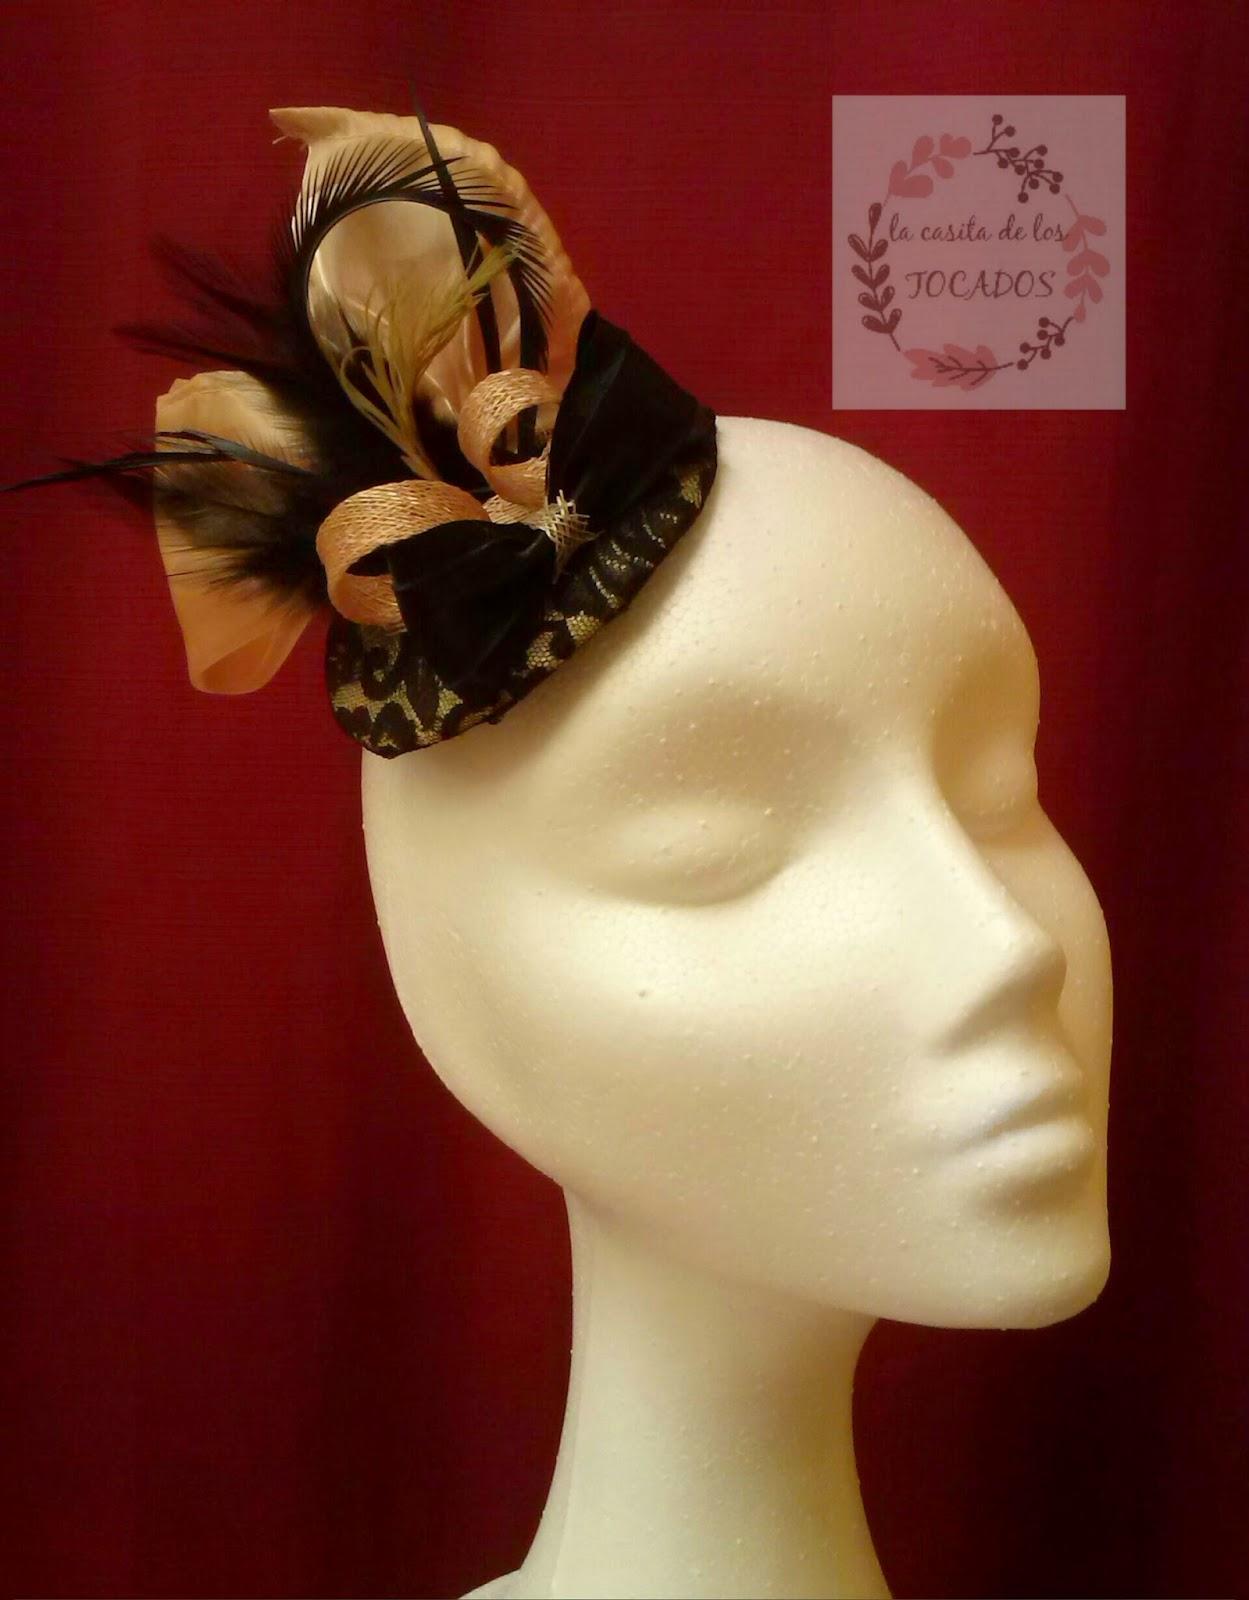 tocado con base forrada de encaje en color negro sobre fondo dorado, con adorno de organza y plumas variadas